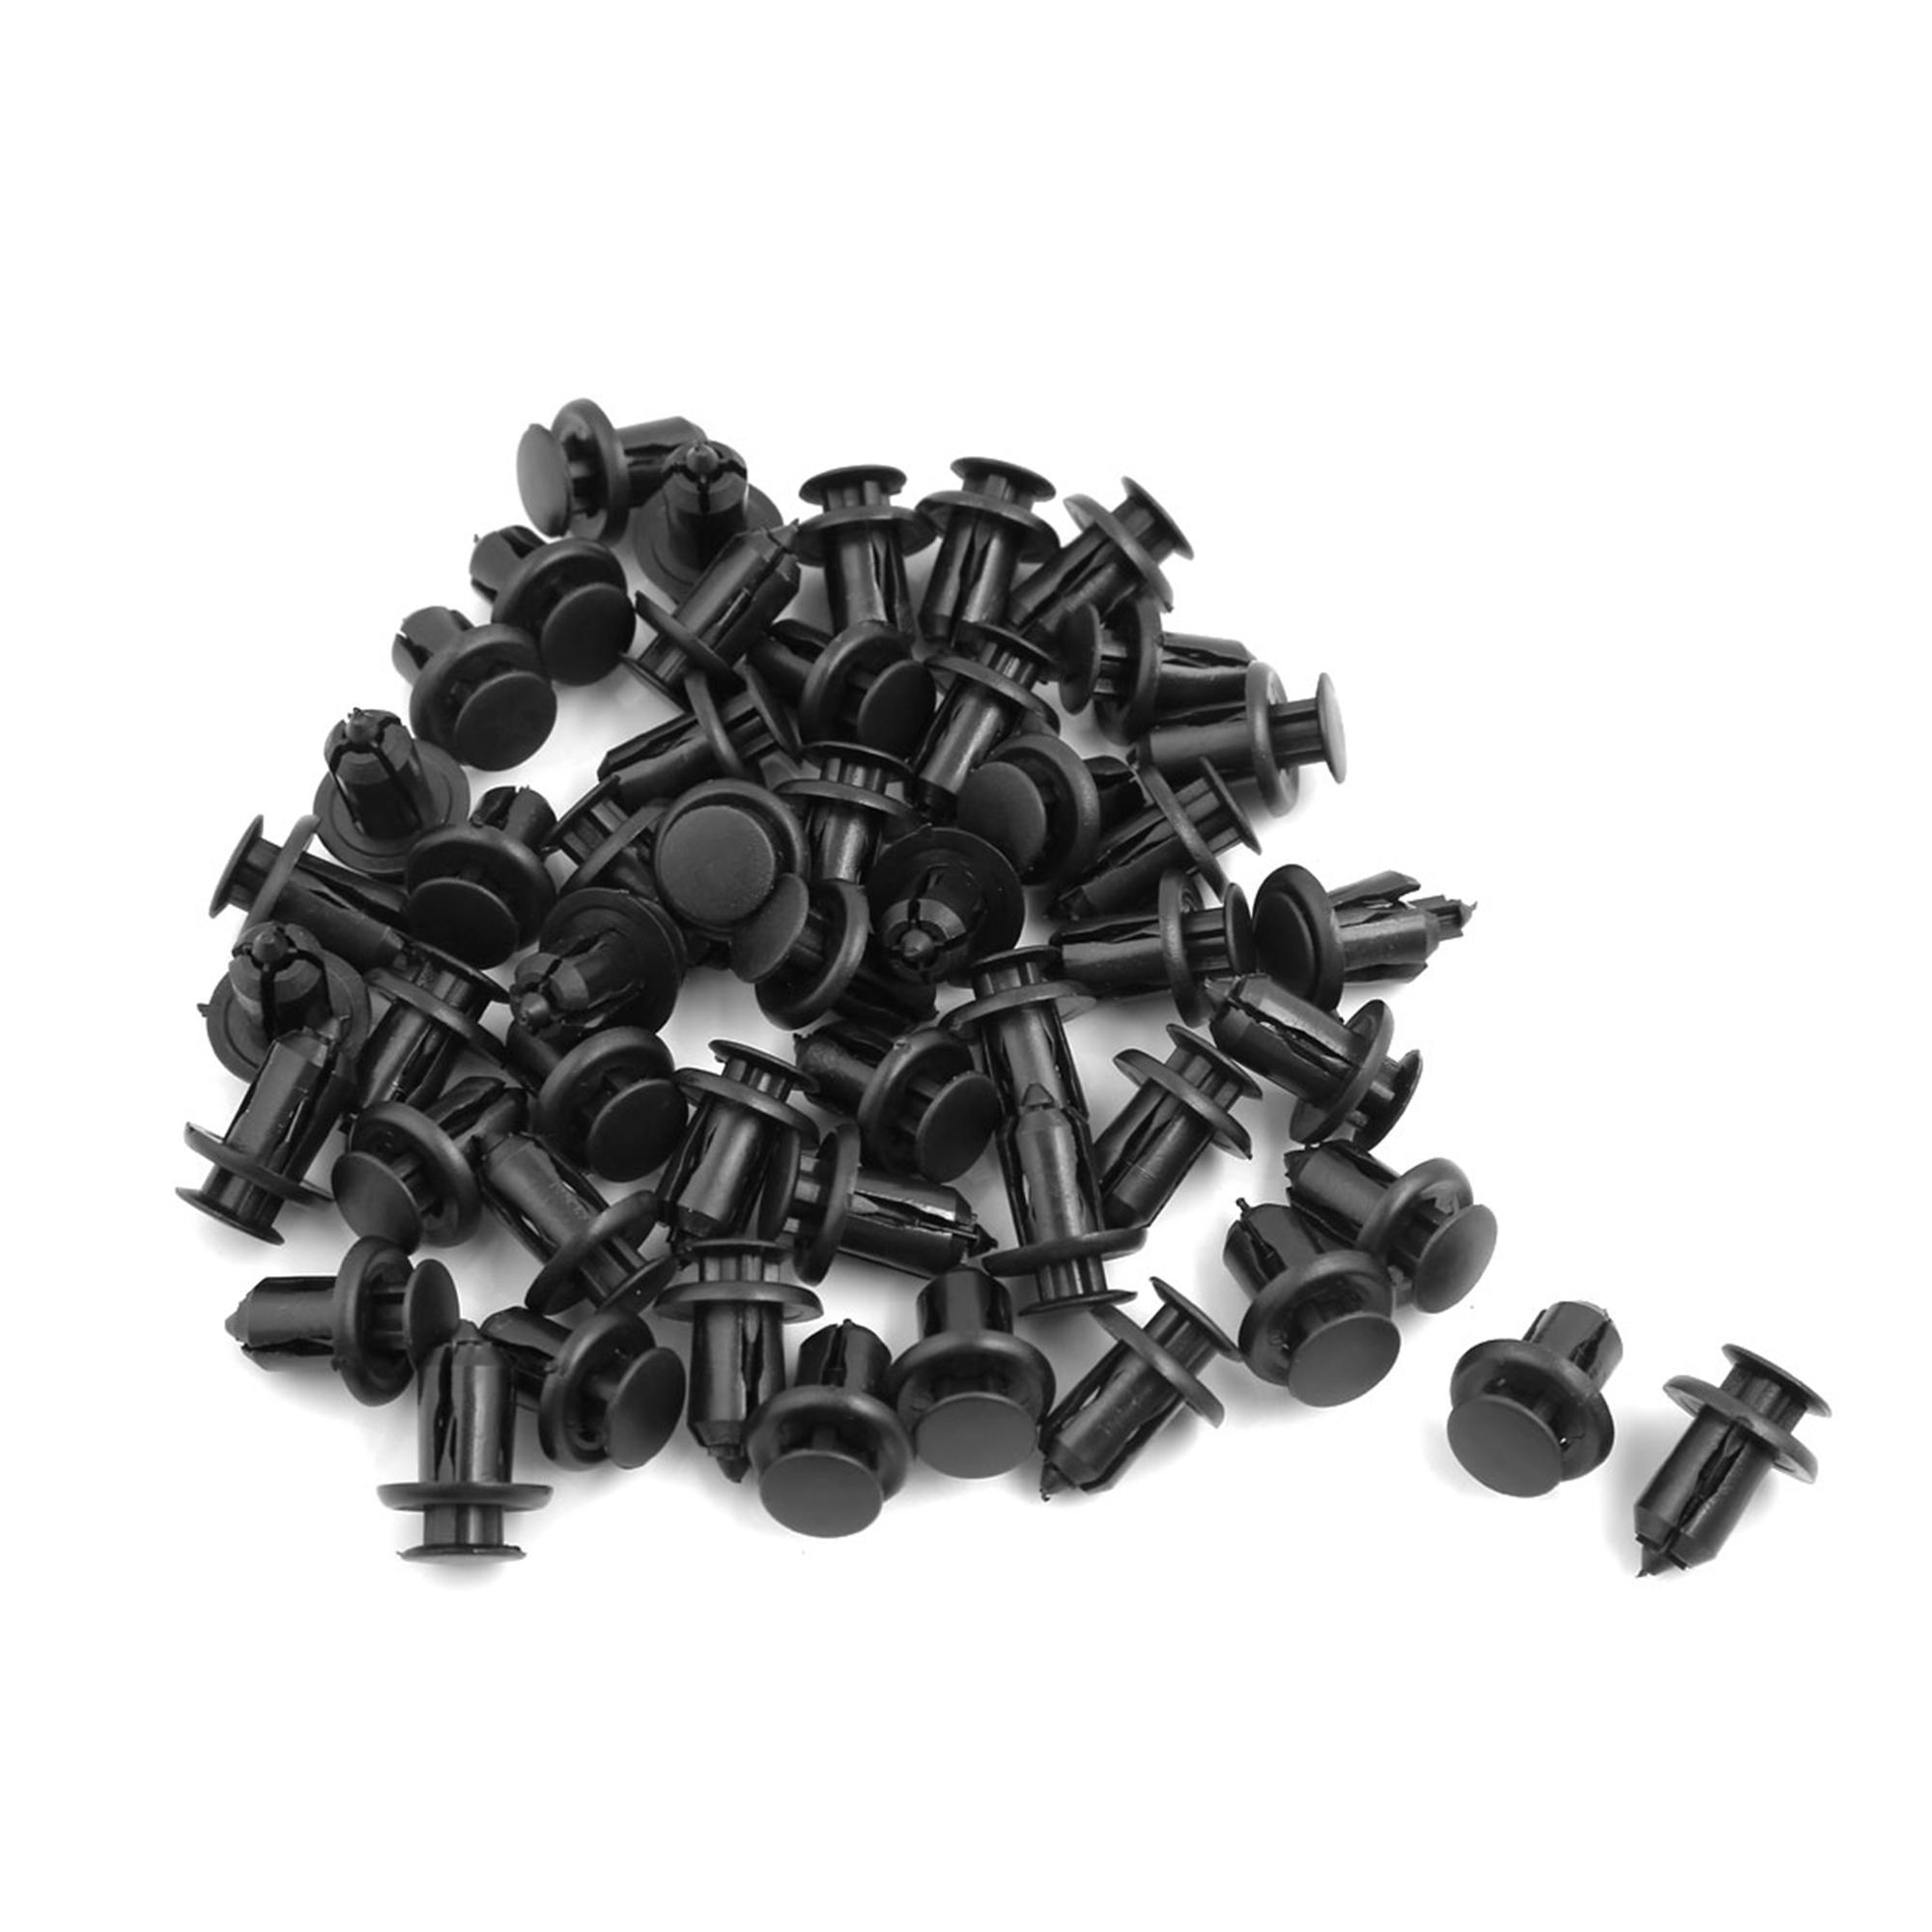 50 Pcs Black Plastic Rivets Fastener Car Fender Bumper Push Clips 10mm Hole Dia